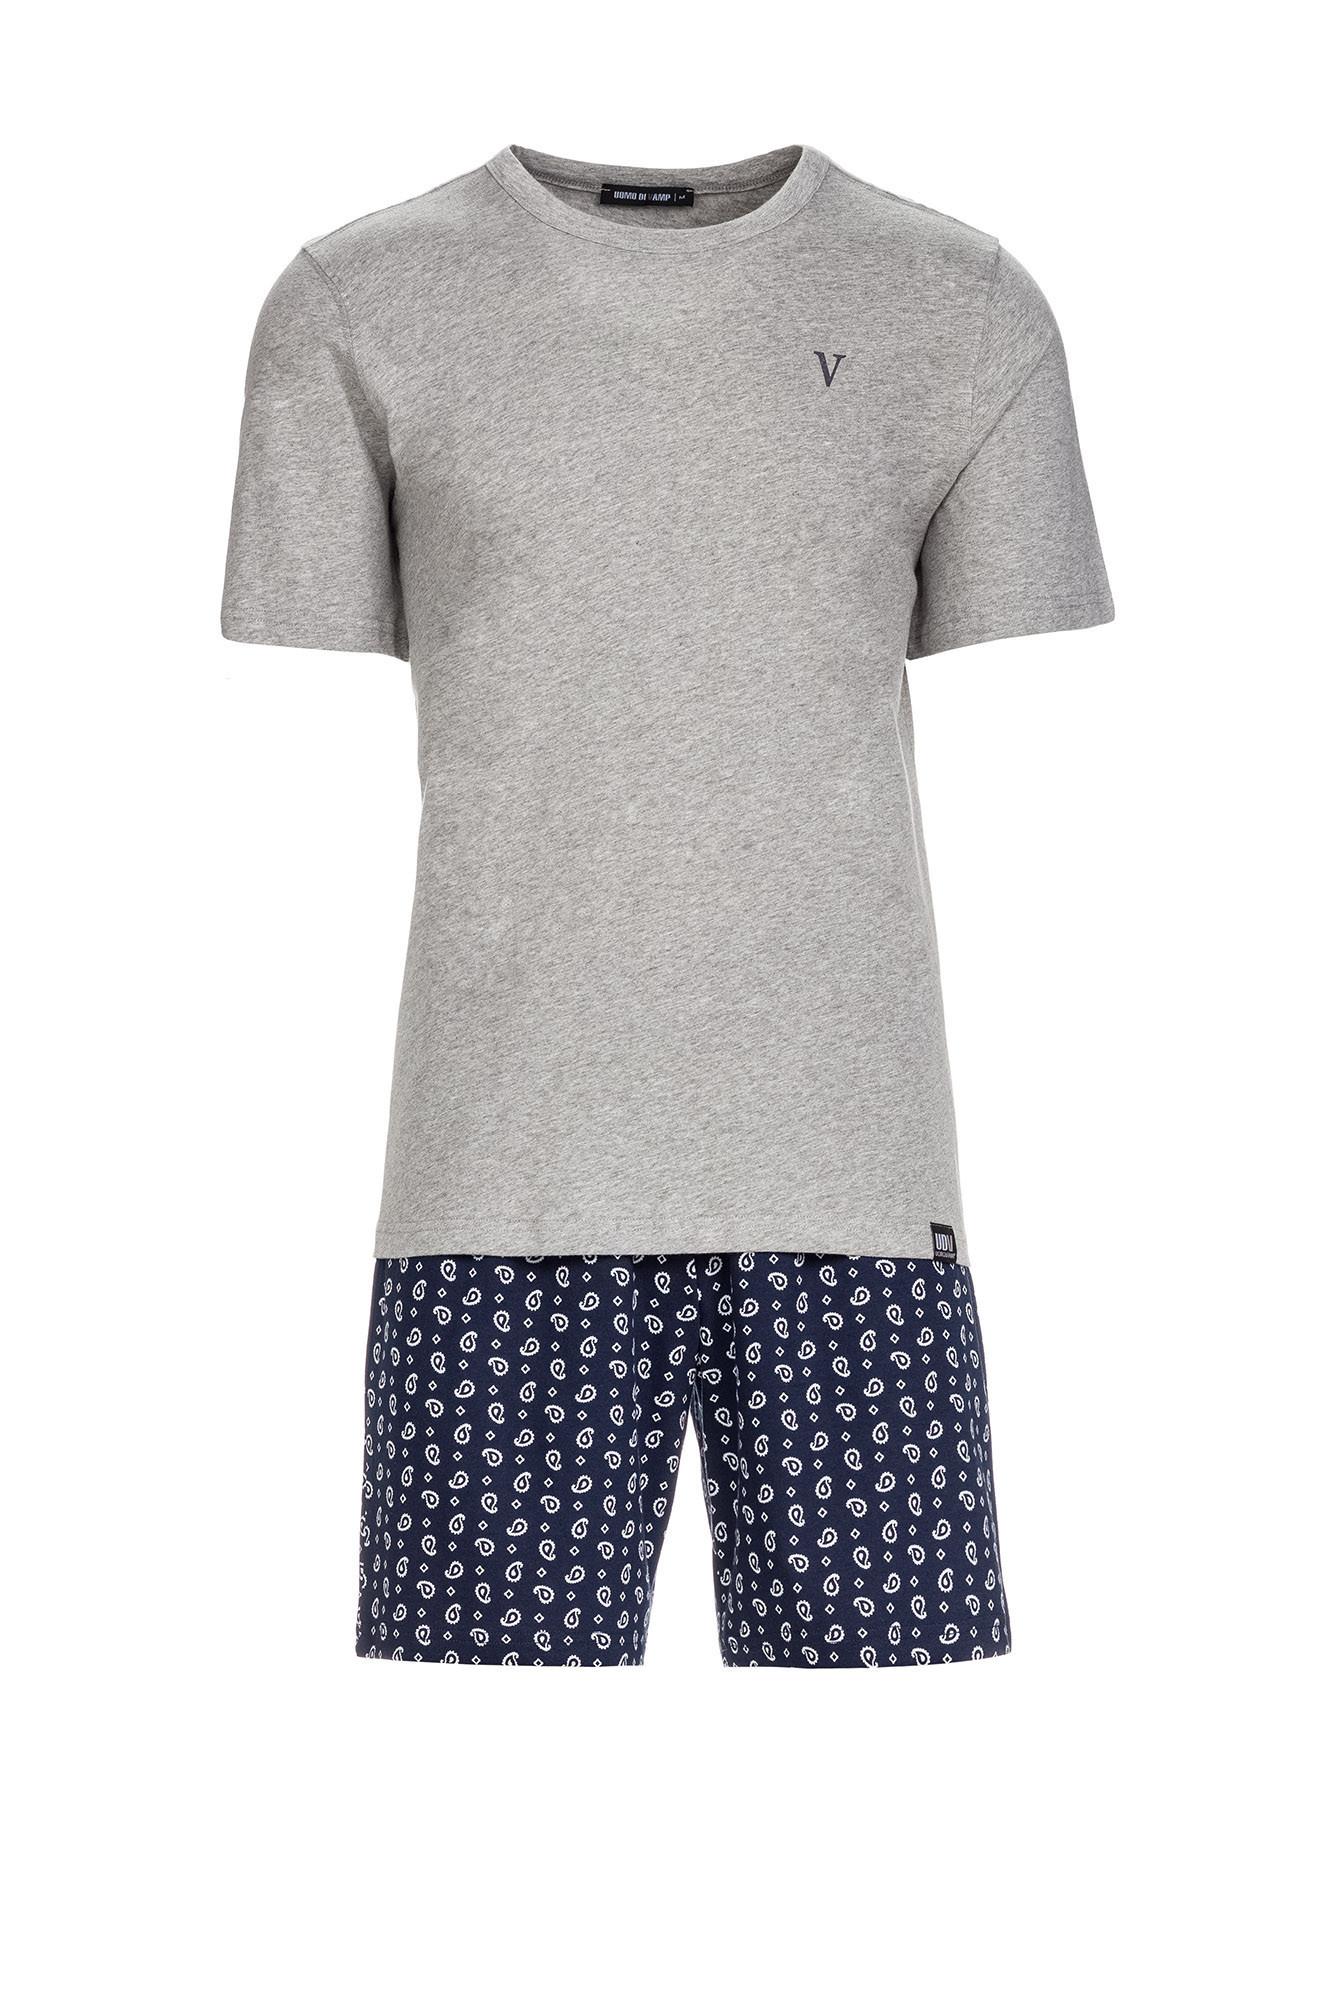 Vamp - Pánske pyžamo 13660 - Vamp gray melange m